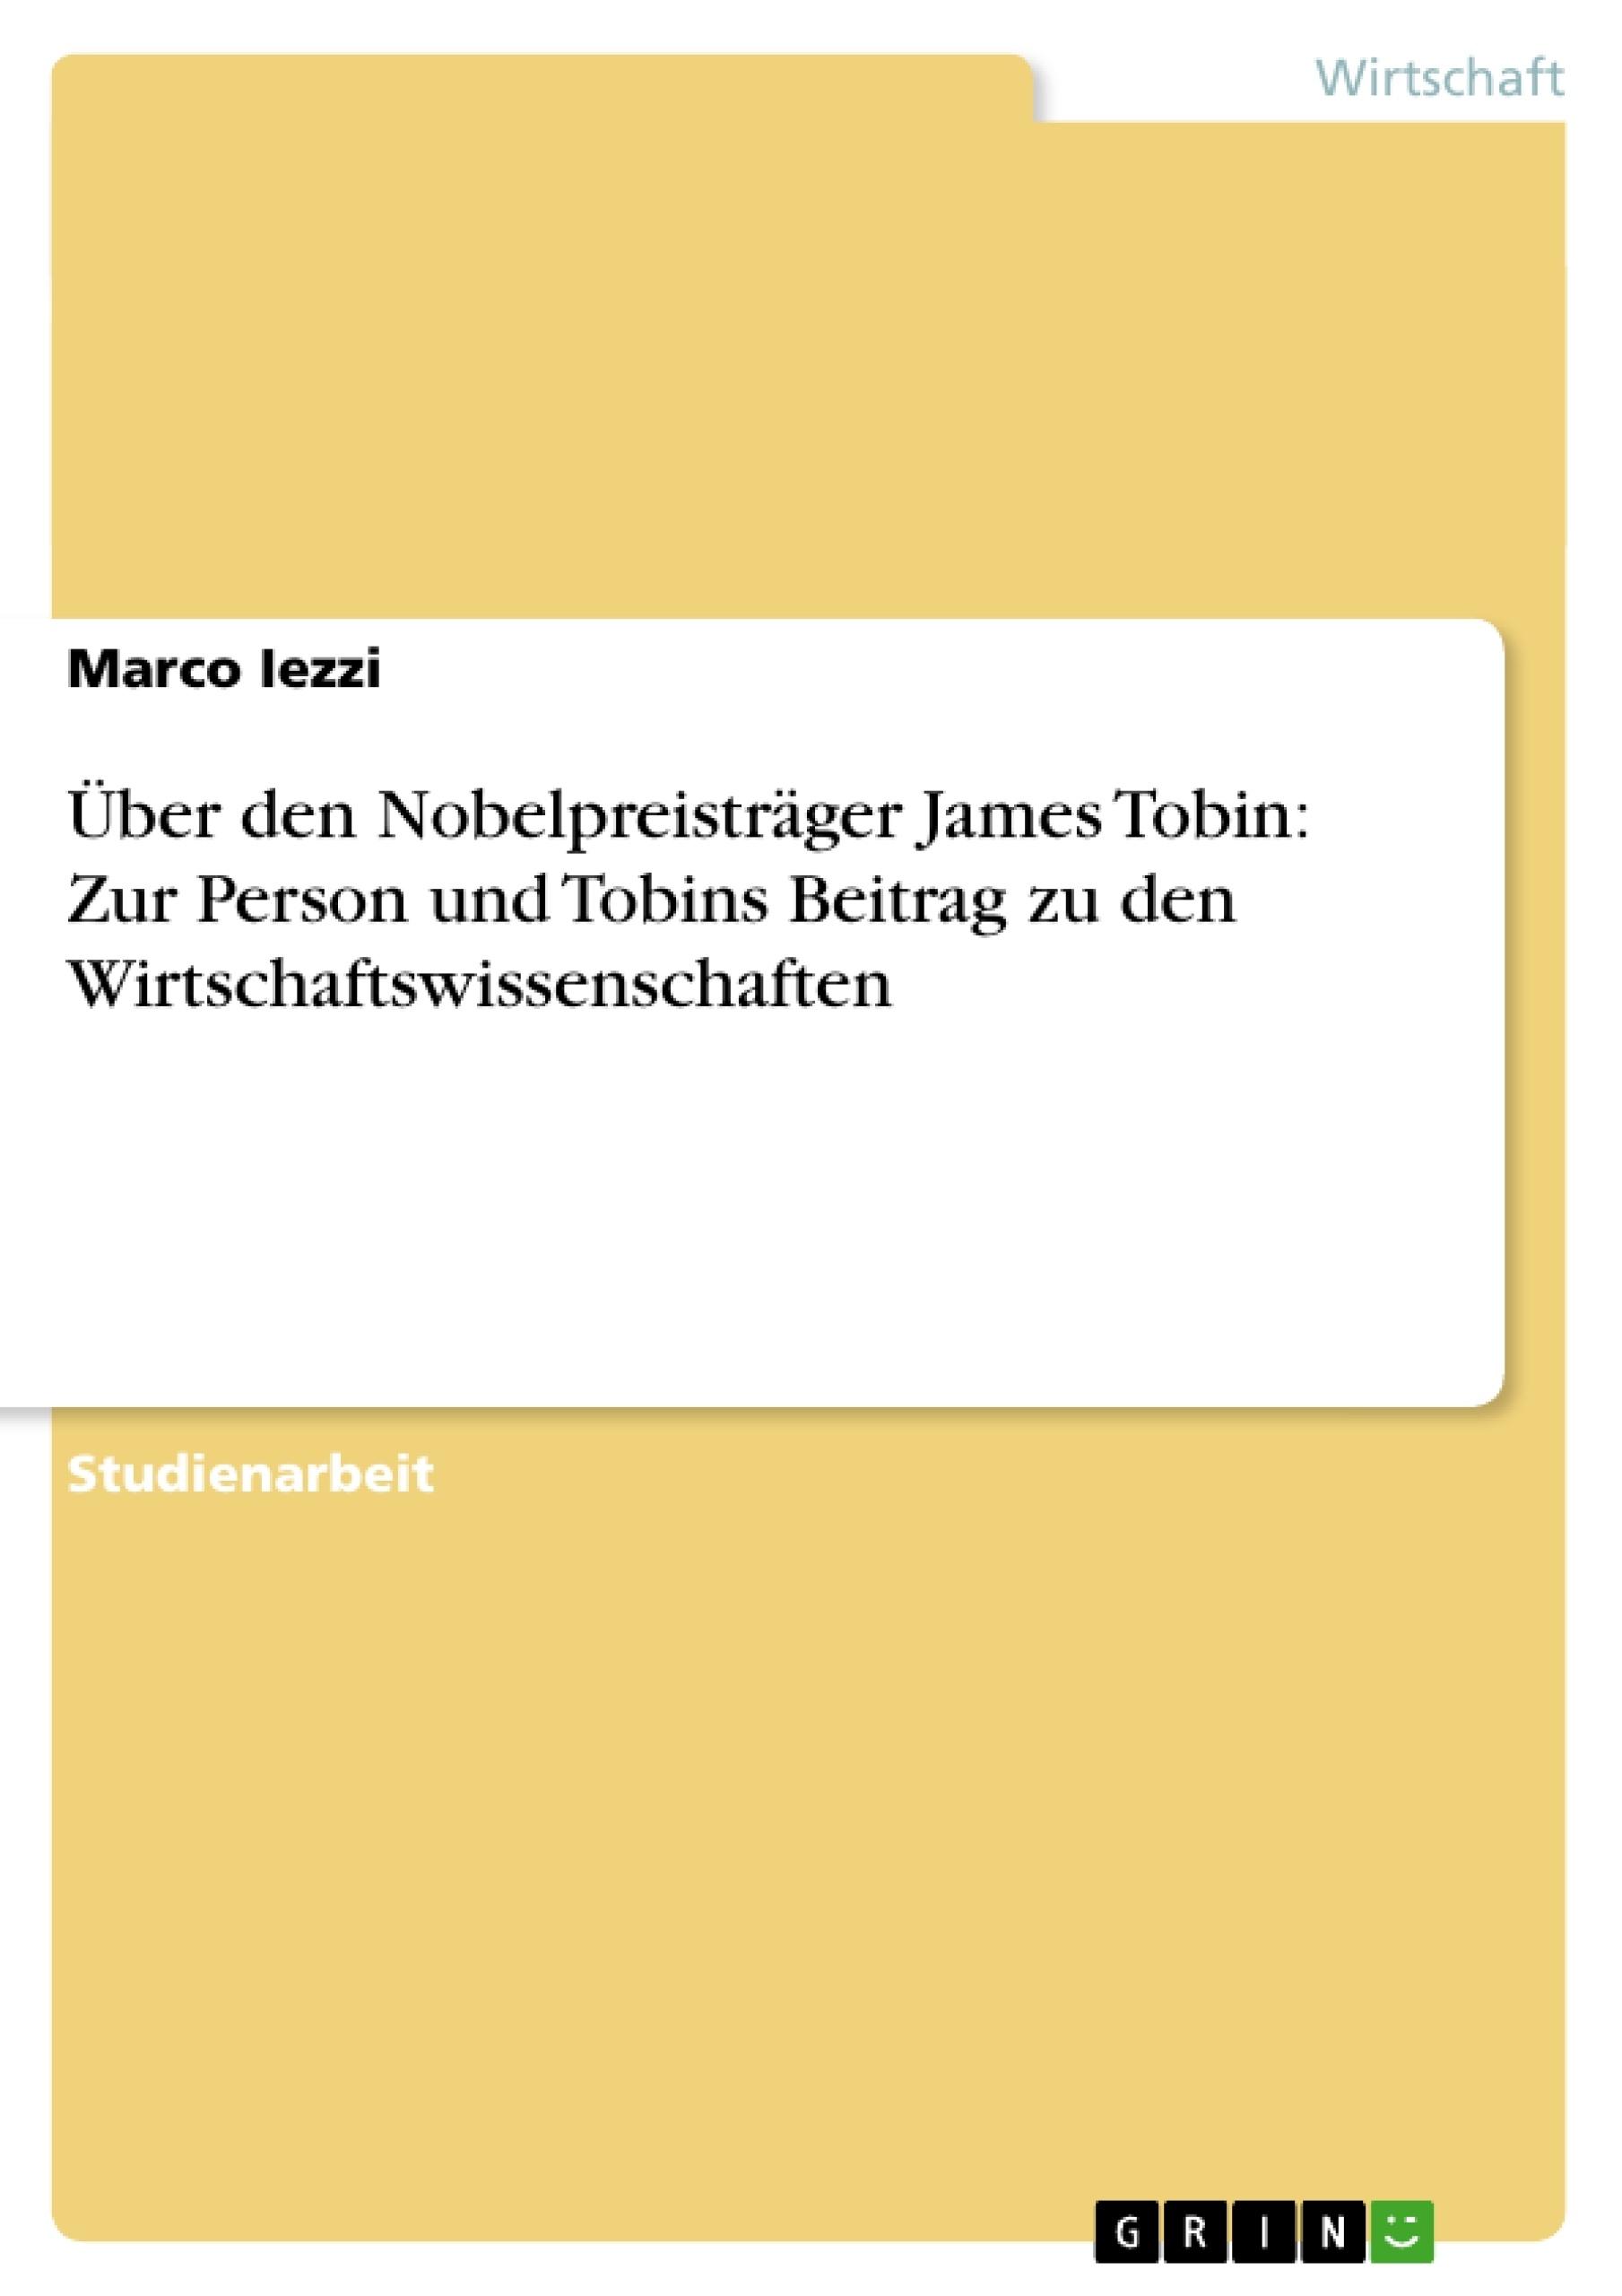 Titel: Über den Nobelpreisträger James Tobin: Zur Person und Tobins Beitrag zu den Wirtschaftswissenschaften